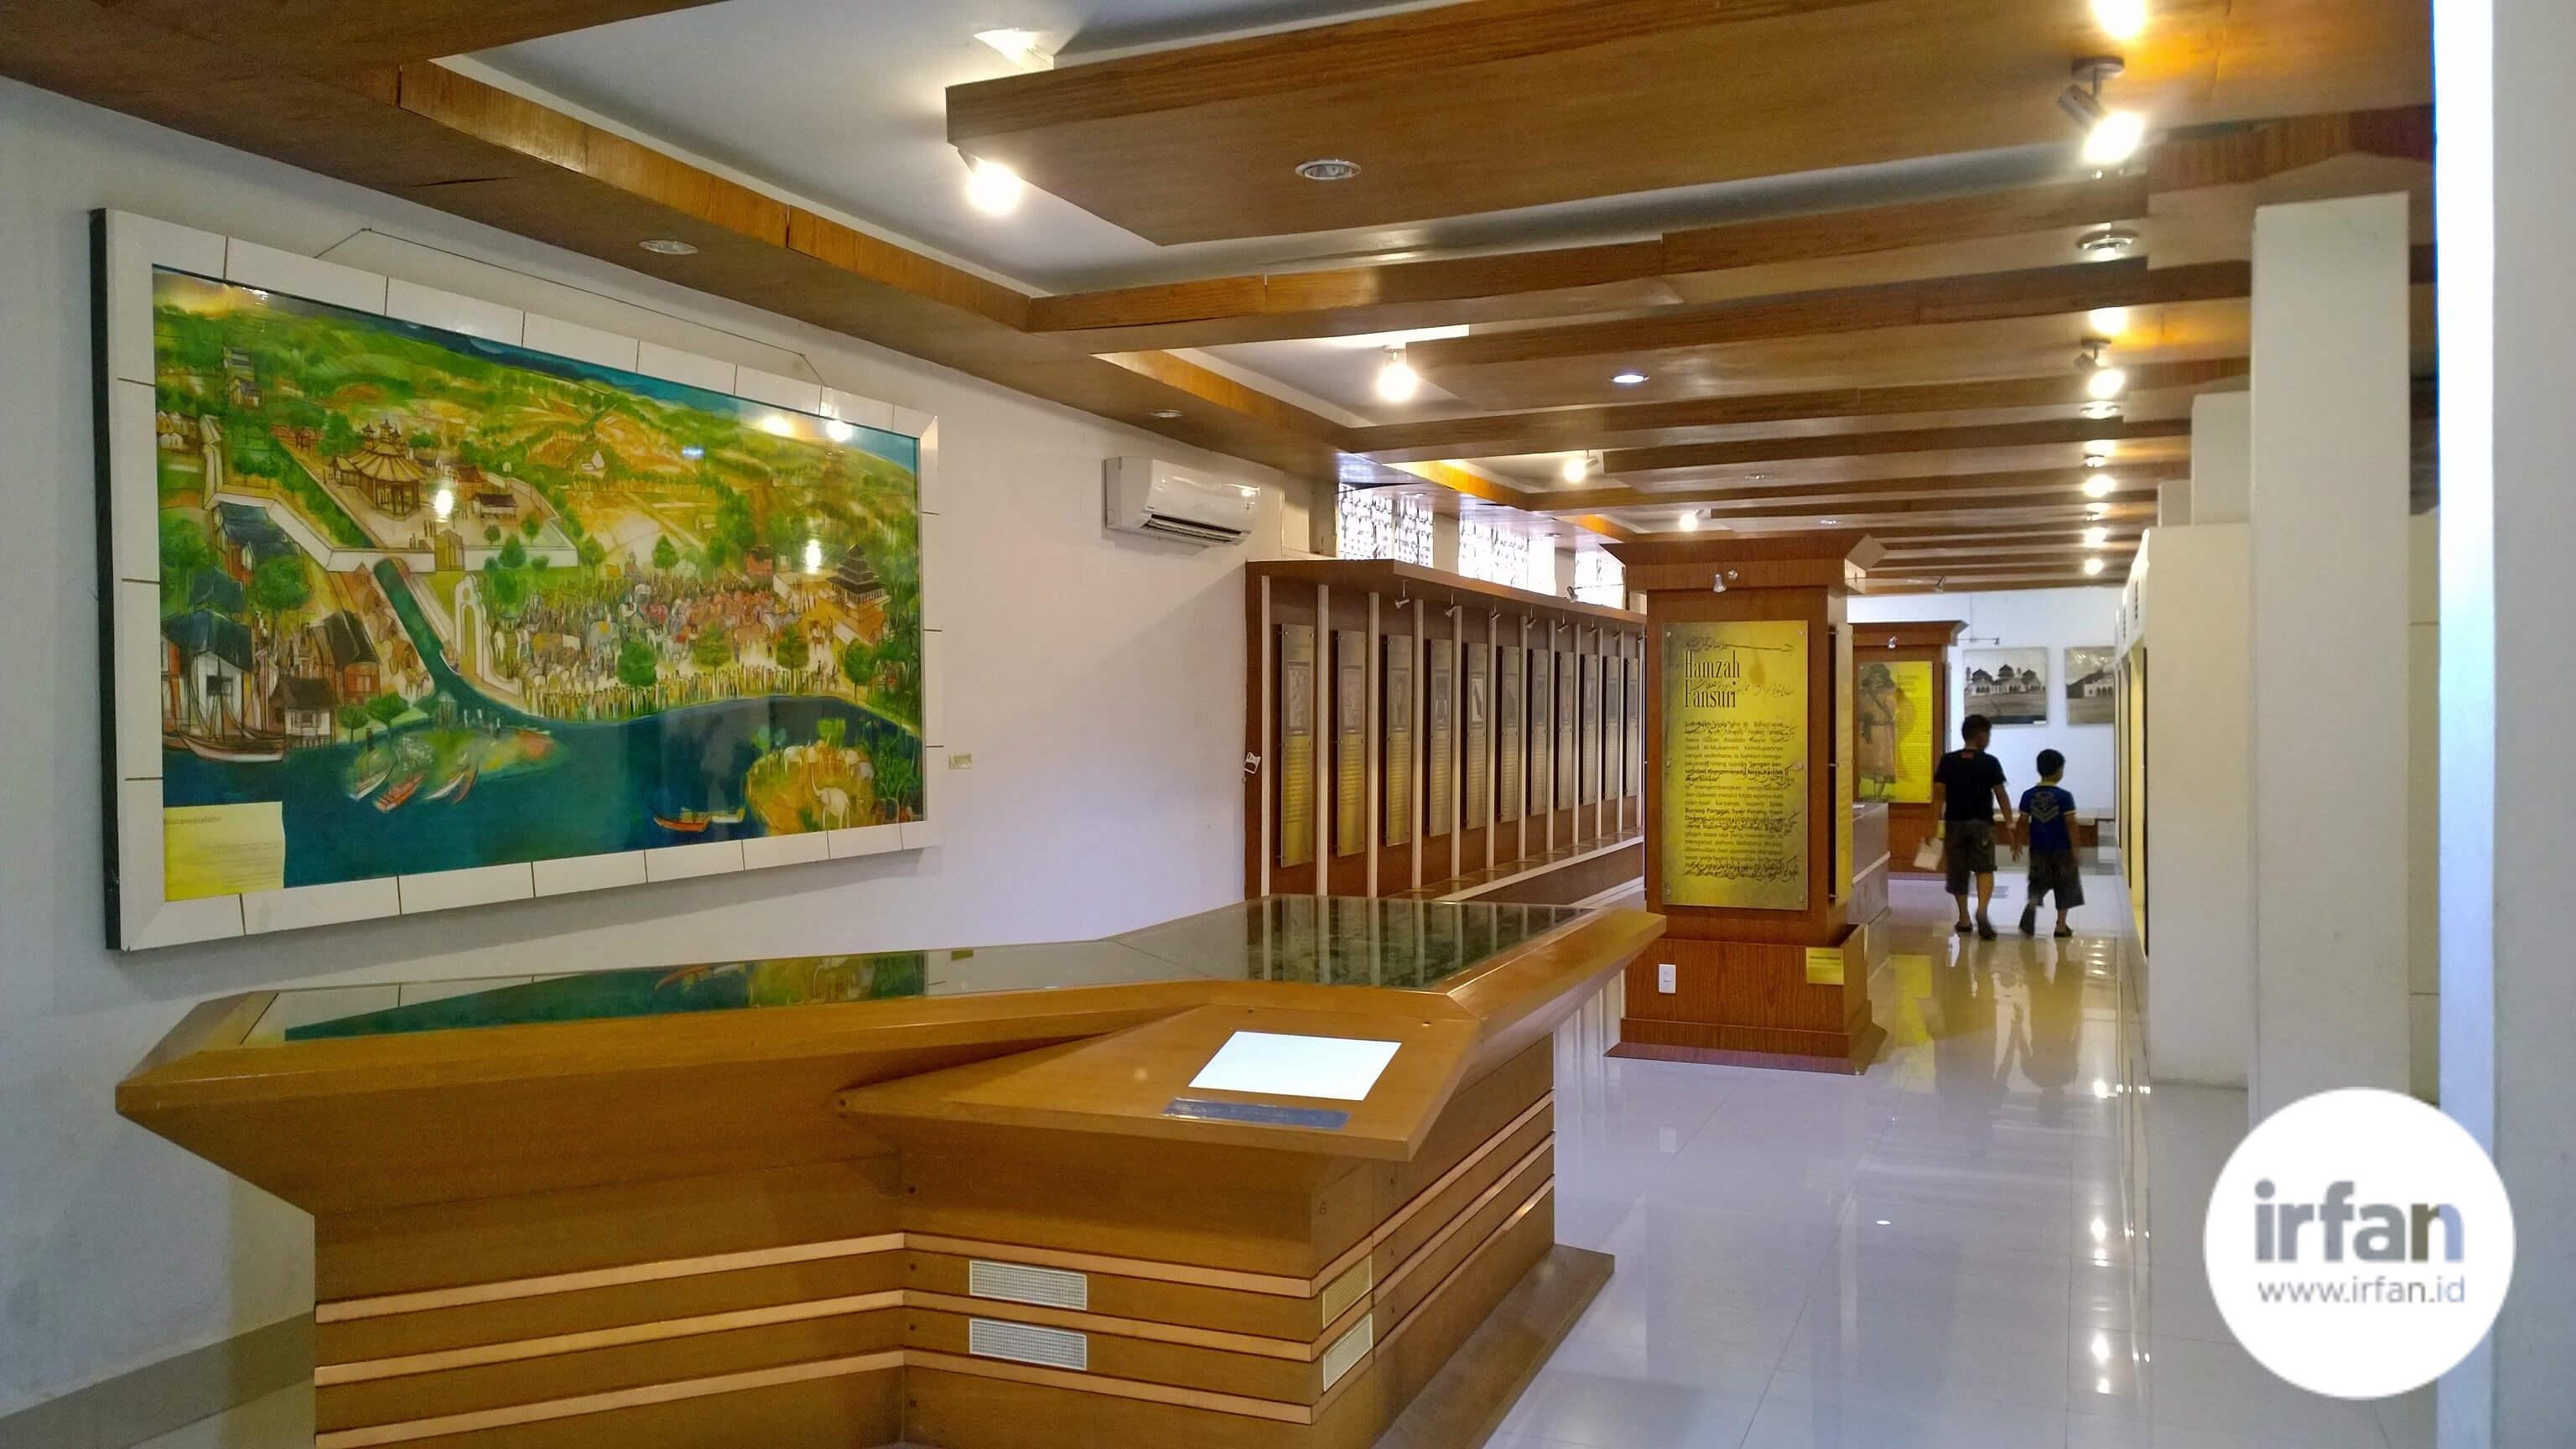 FOTO: Museum Negeri Aceh, Wisata Sejarah Yang Wajib Dikunjungi 5